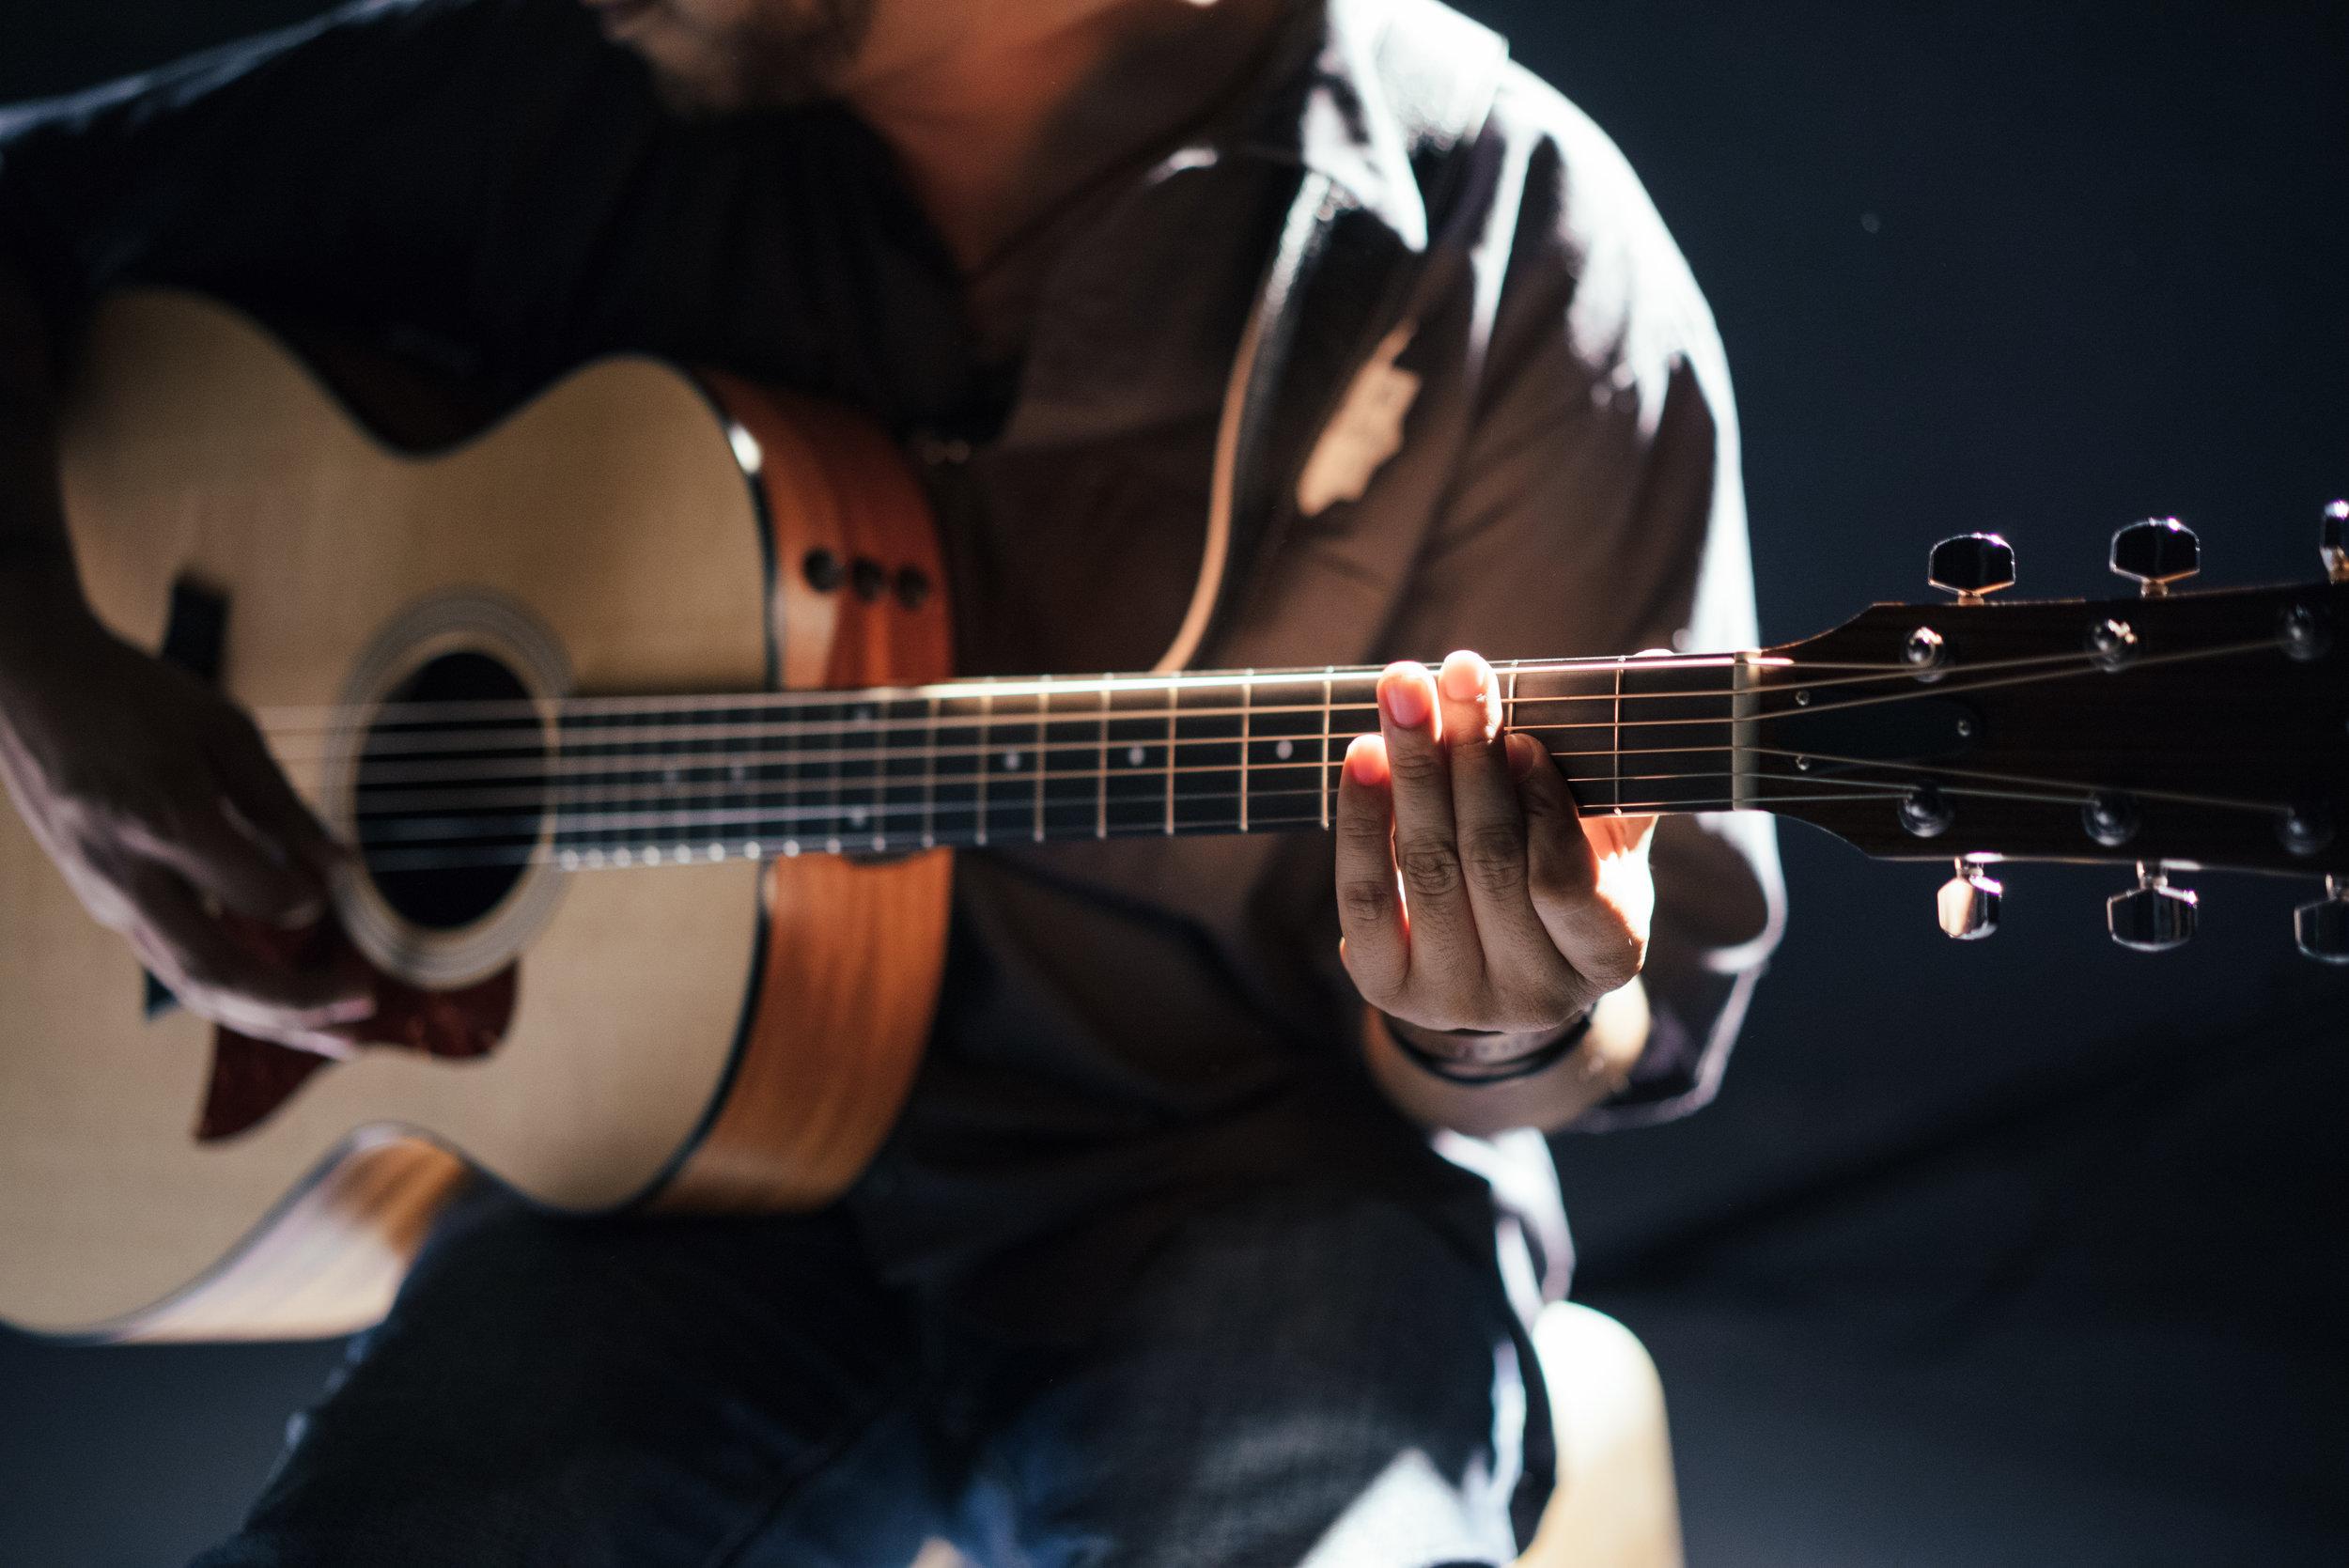 guitarist-music-guitar.jpg